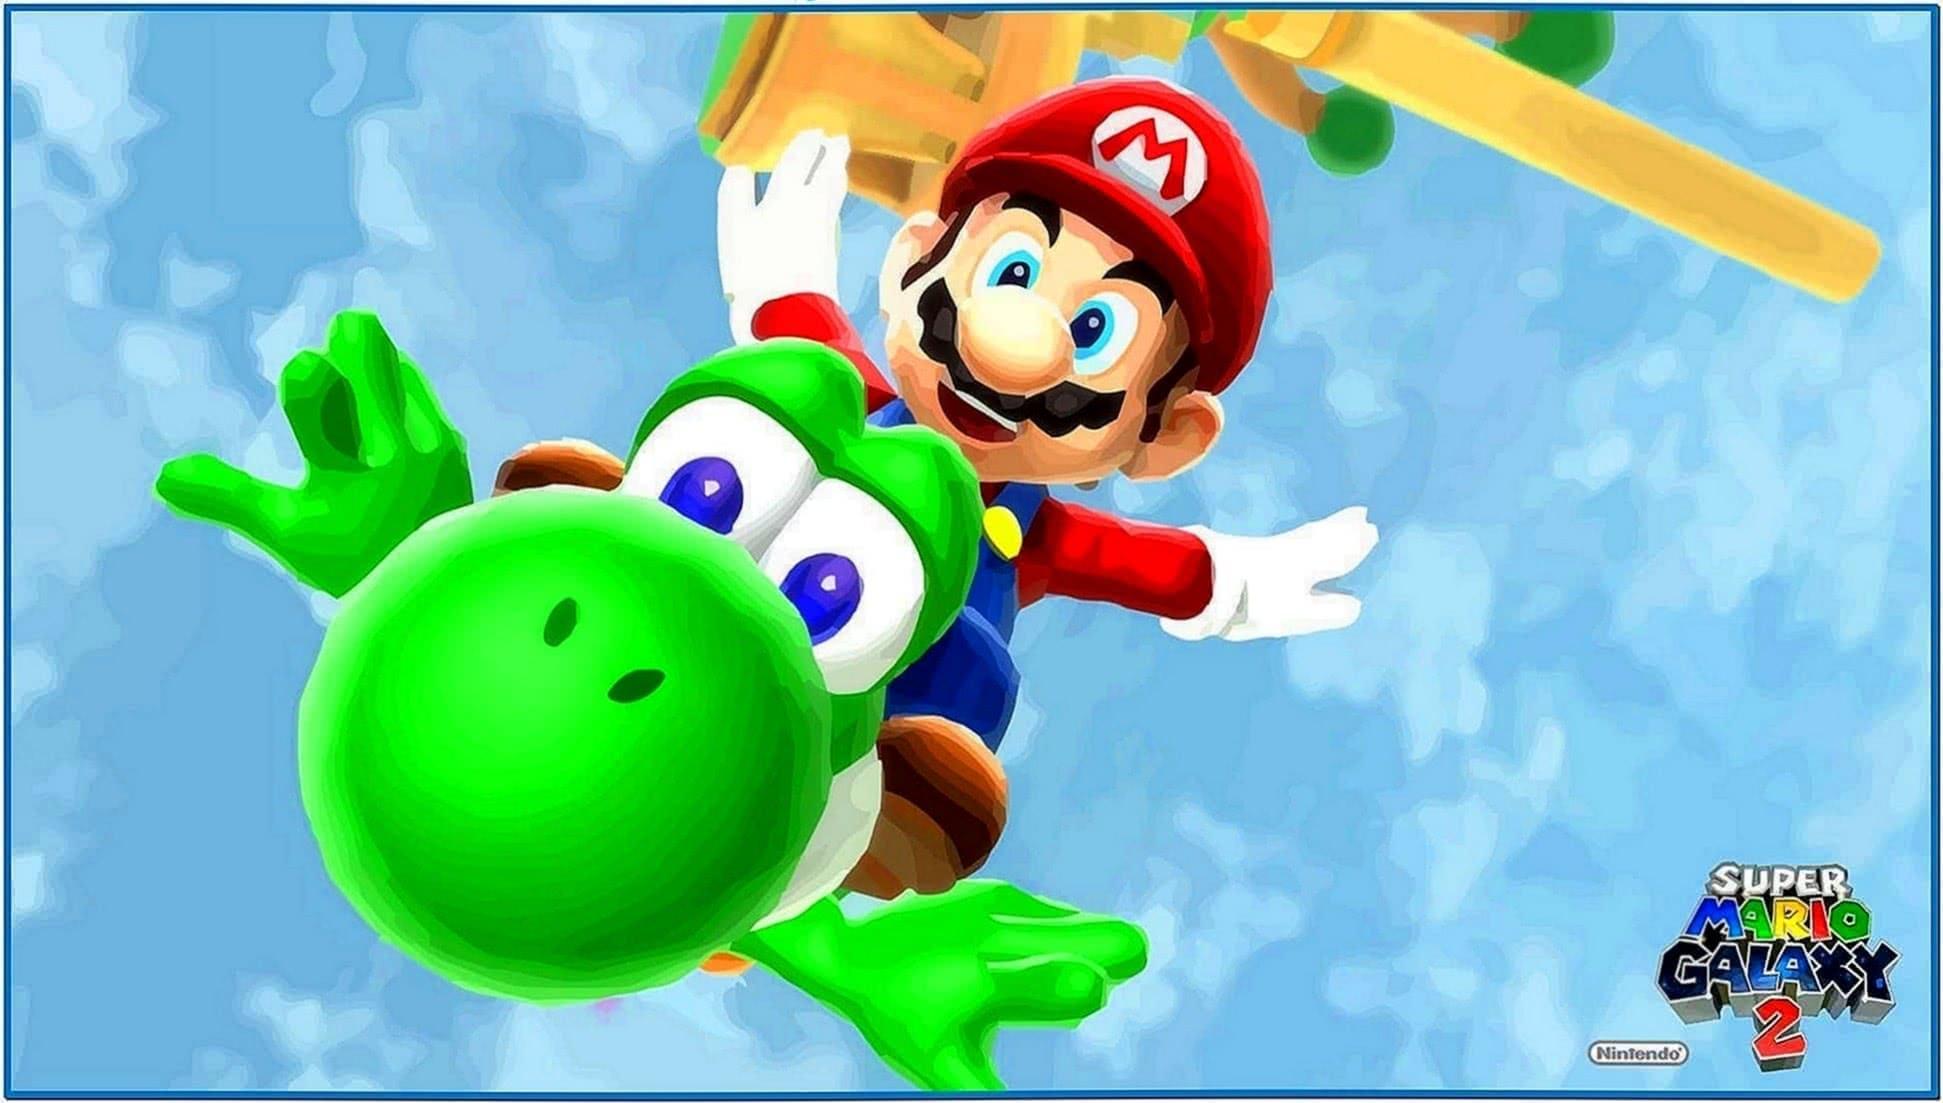 Super Mario Galaxy Screensaver